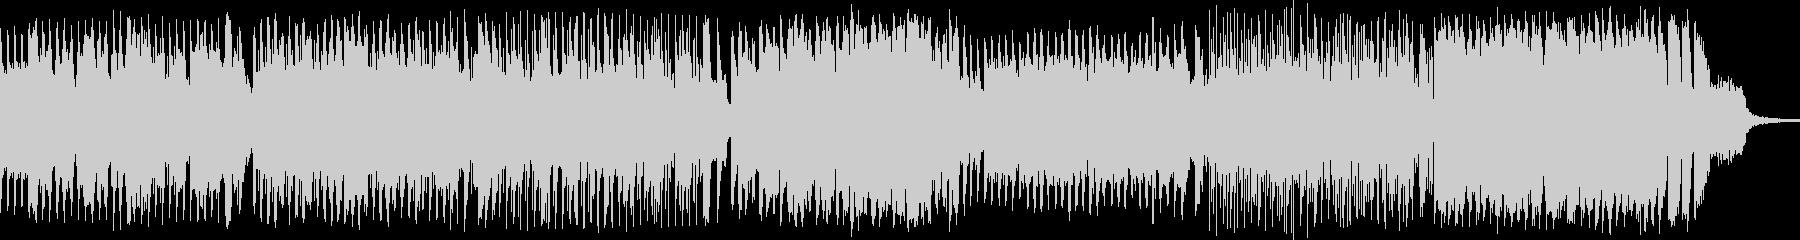 ほのぼのRPGのバトルBGMをイメージ…の未再生の波形